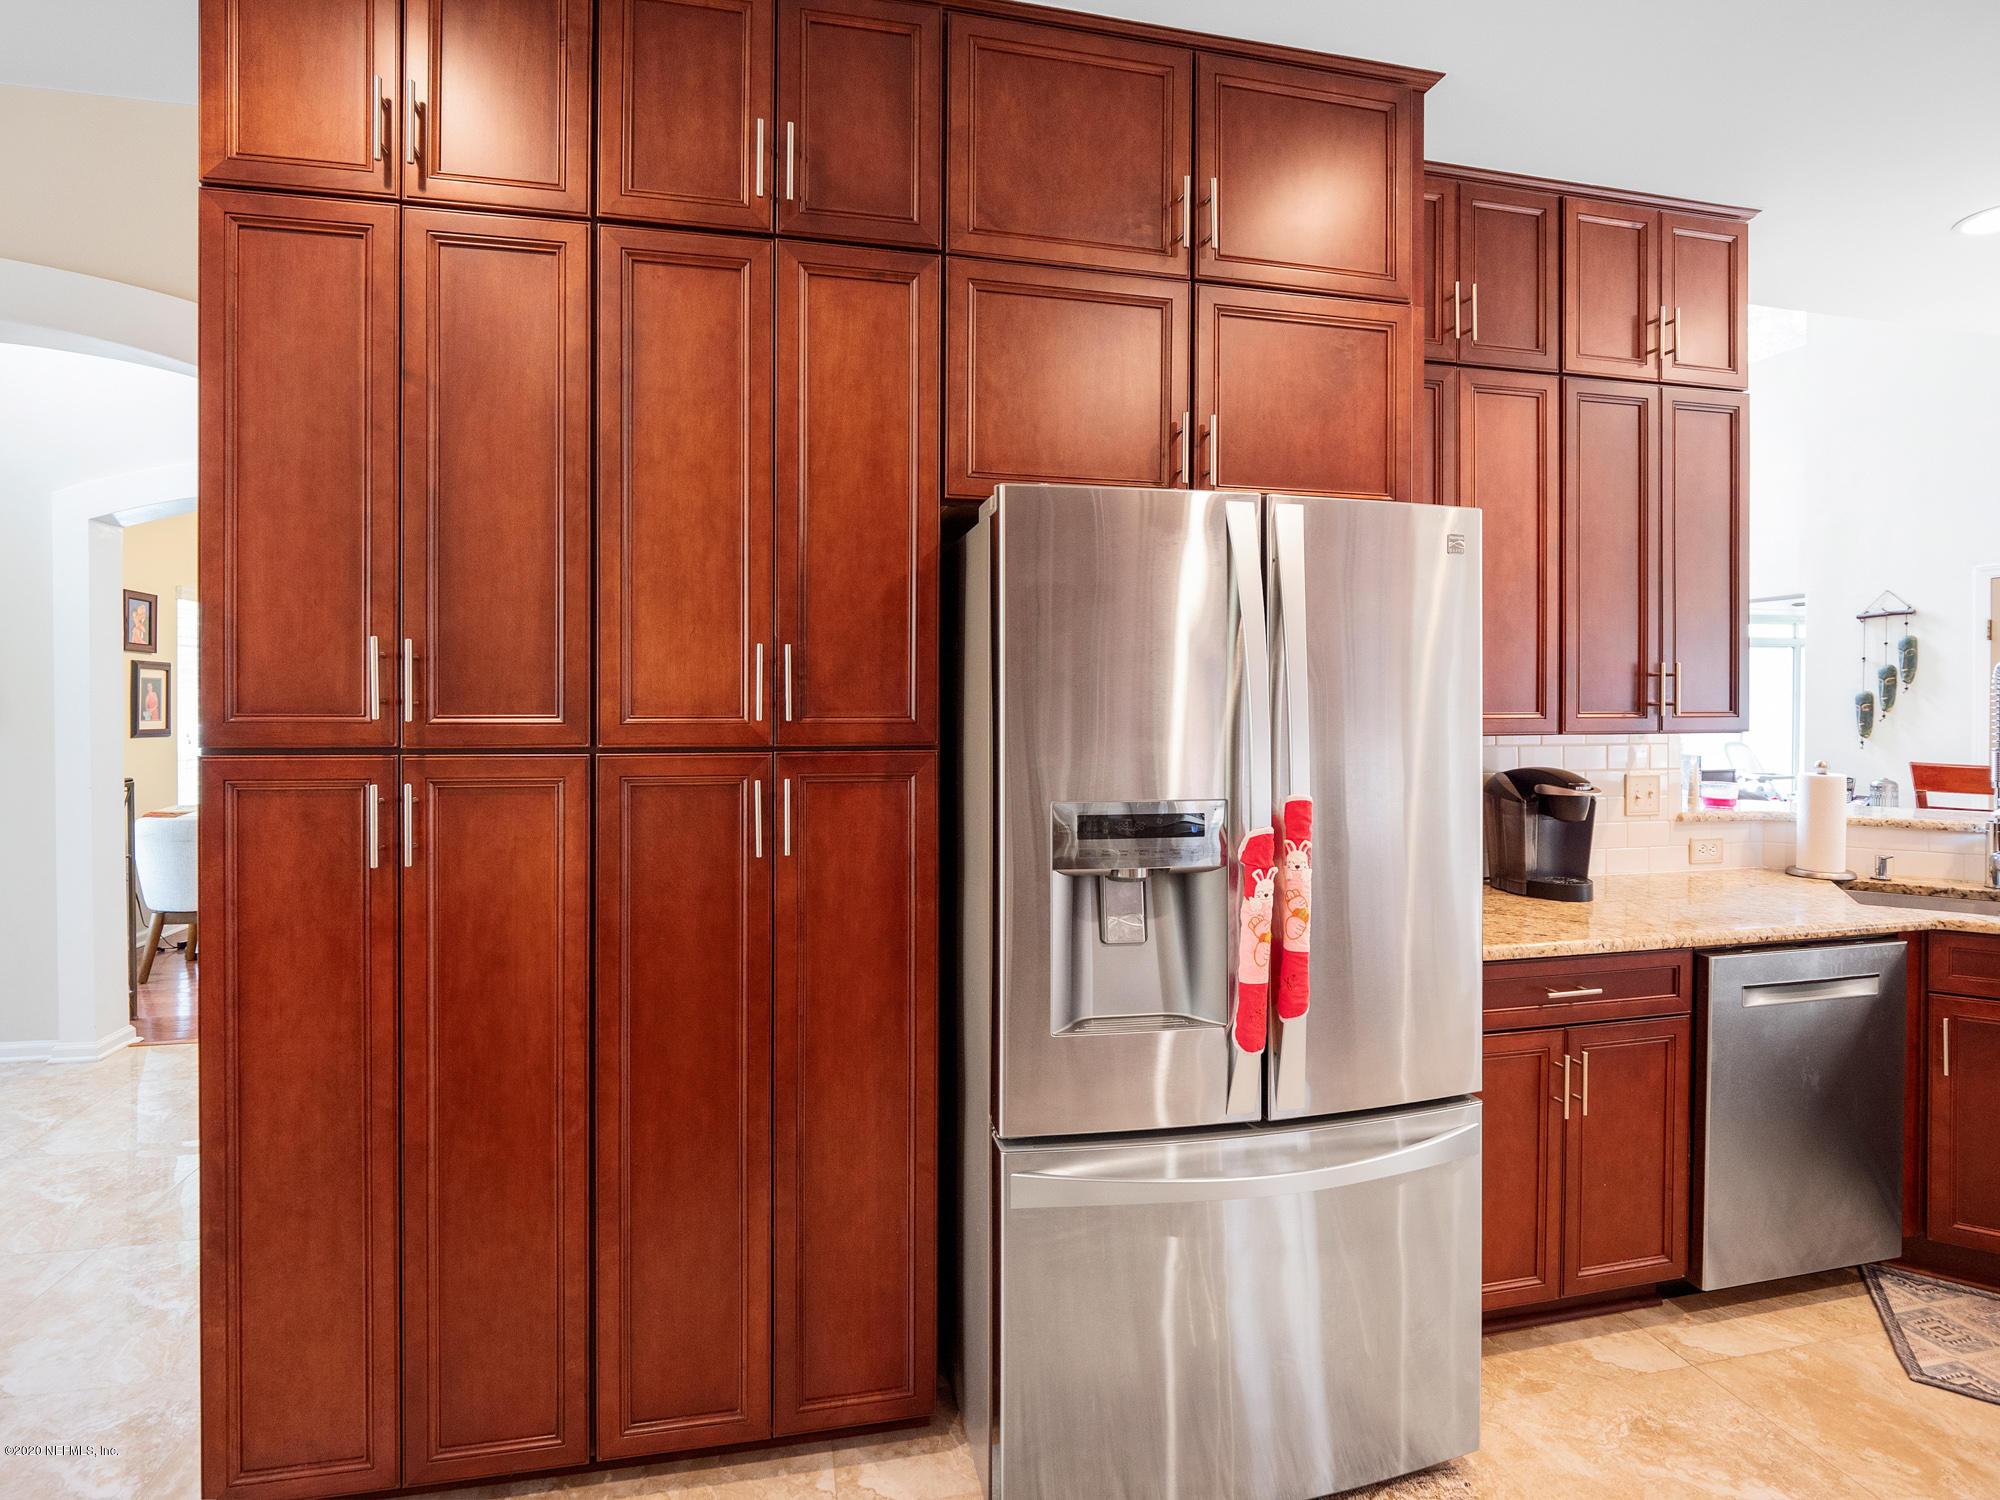 14754 REEF, JACKSONVILLE, FLORIDA 32226, 4 Bedrooms Bedrooms, ,3 BathroomsBathrooms,Residential,For sale,REEF,1078216